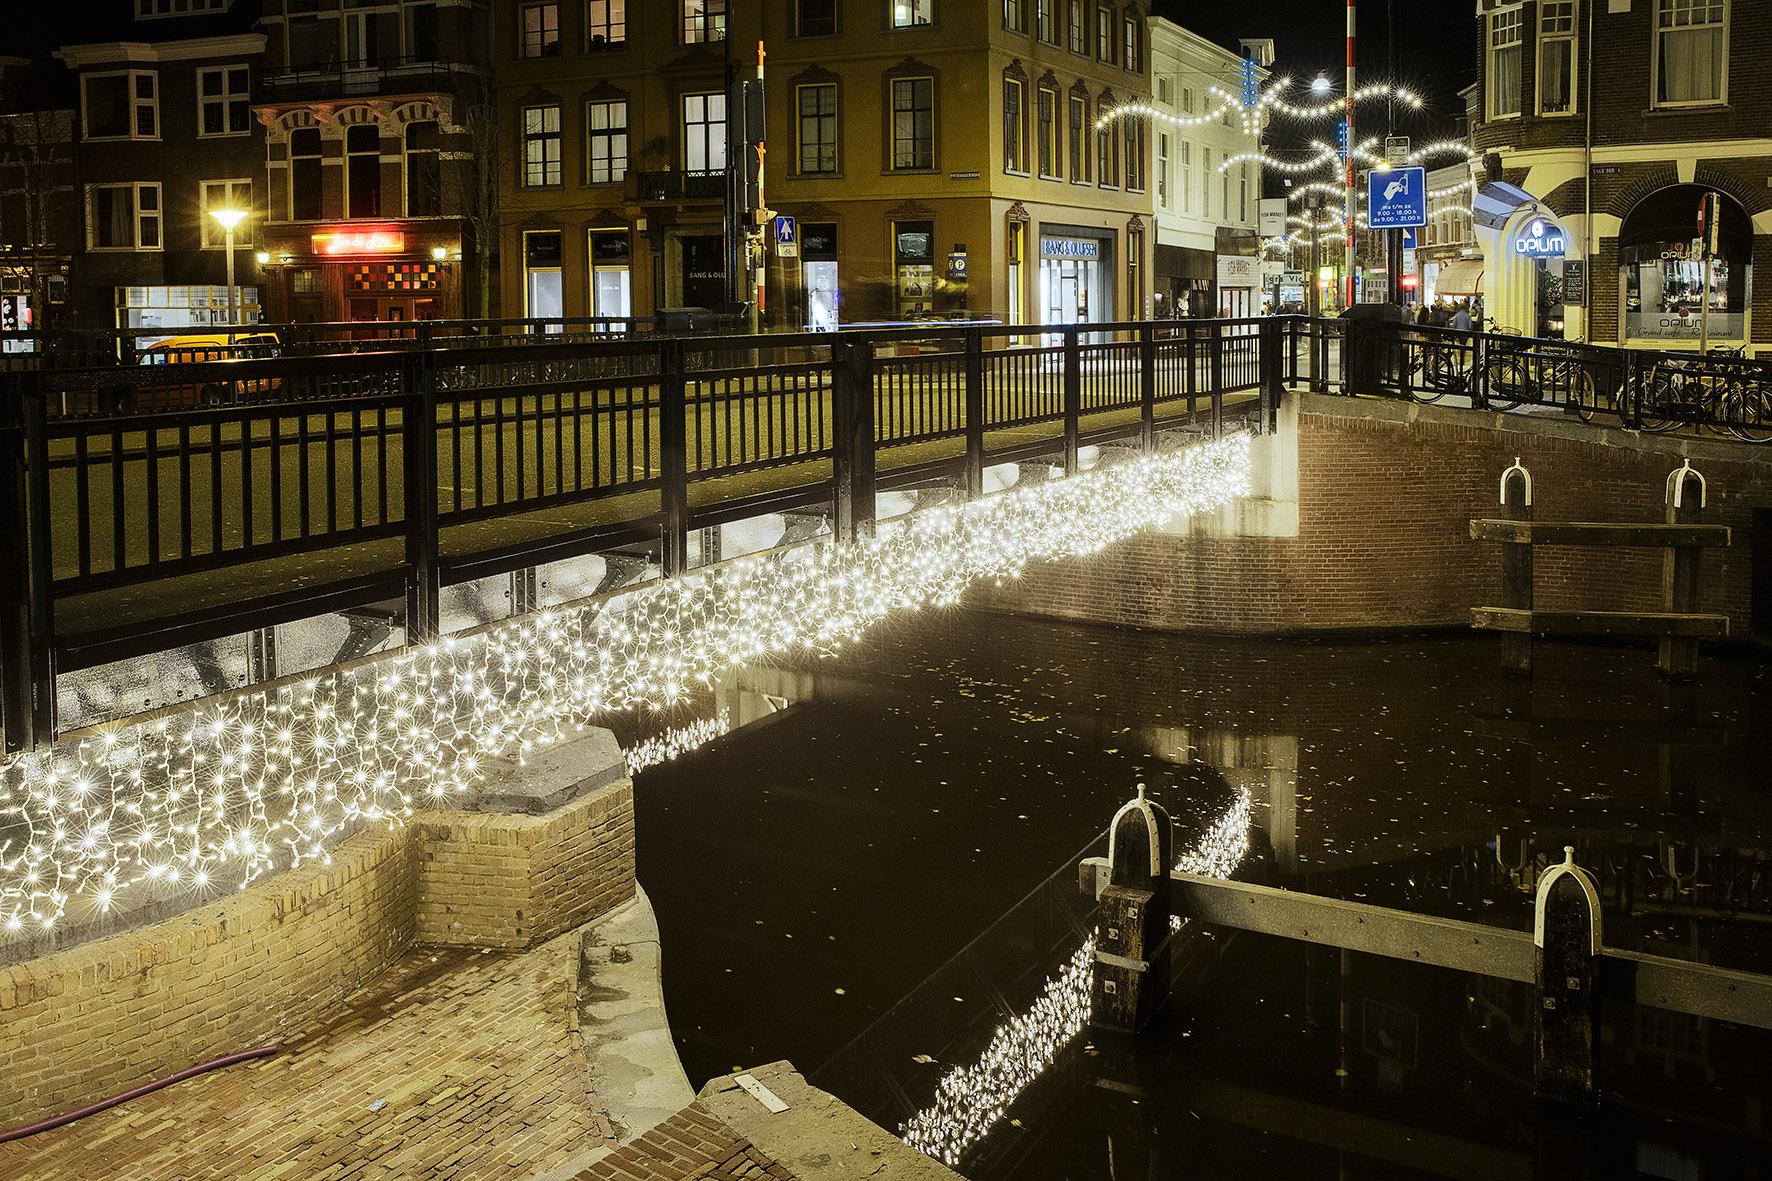 20131128_Wielsma-Groningen_15